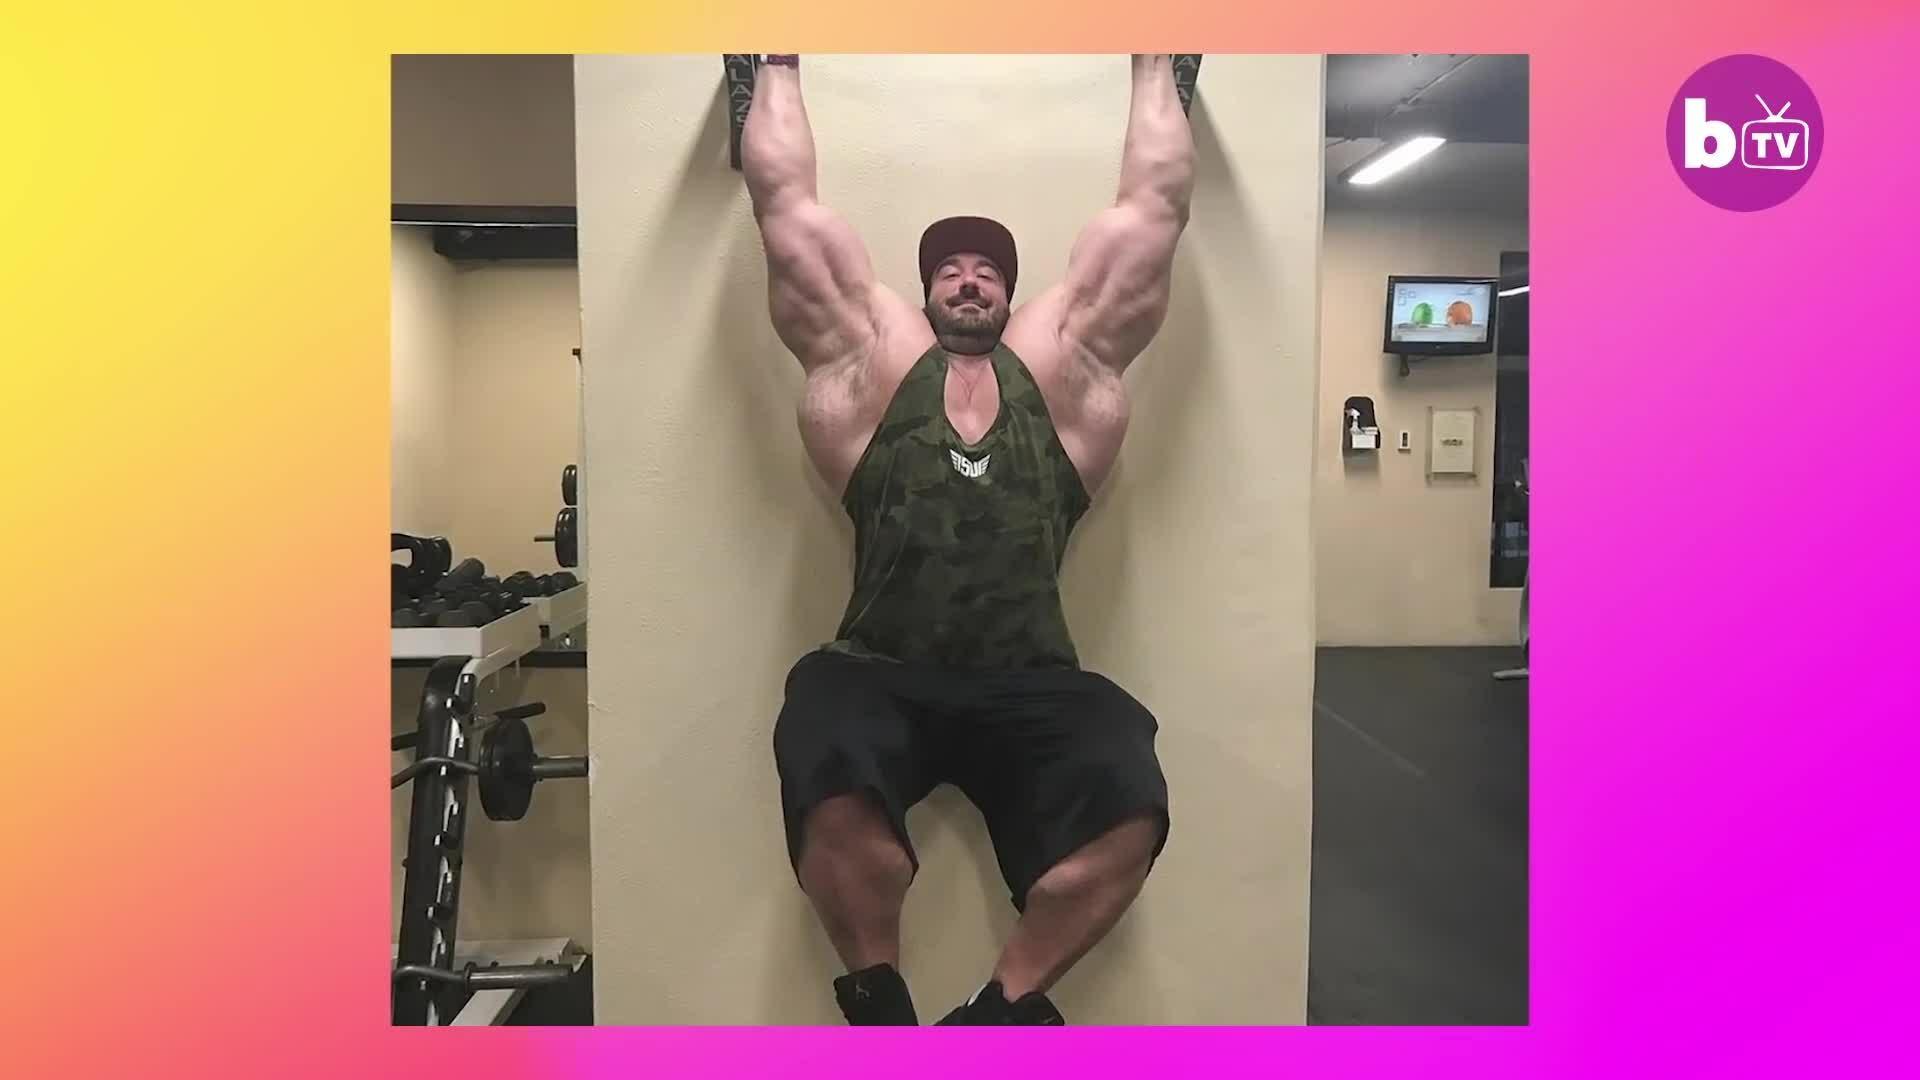 Chàng trai gầy gò thành HLV thể hình 159kg